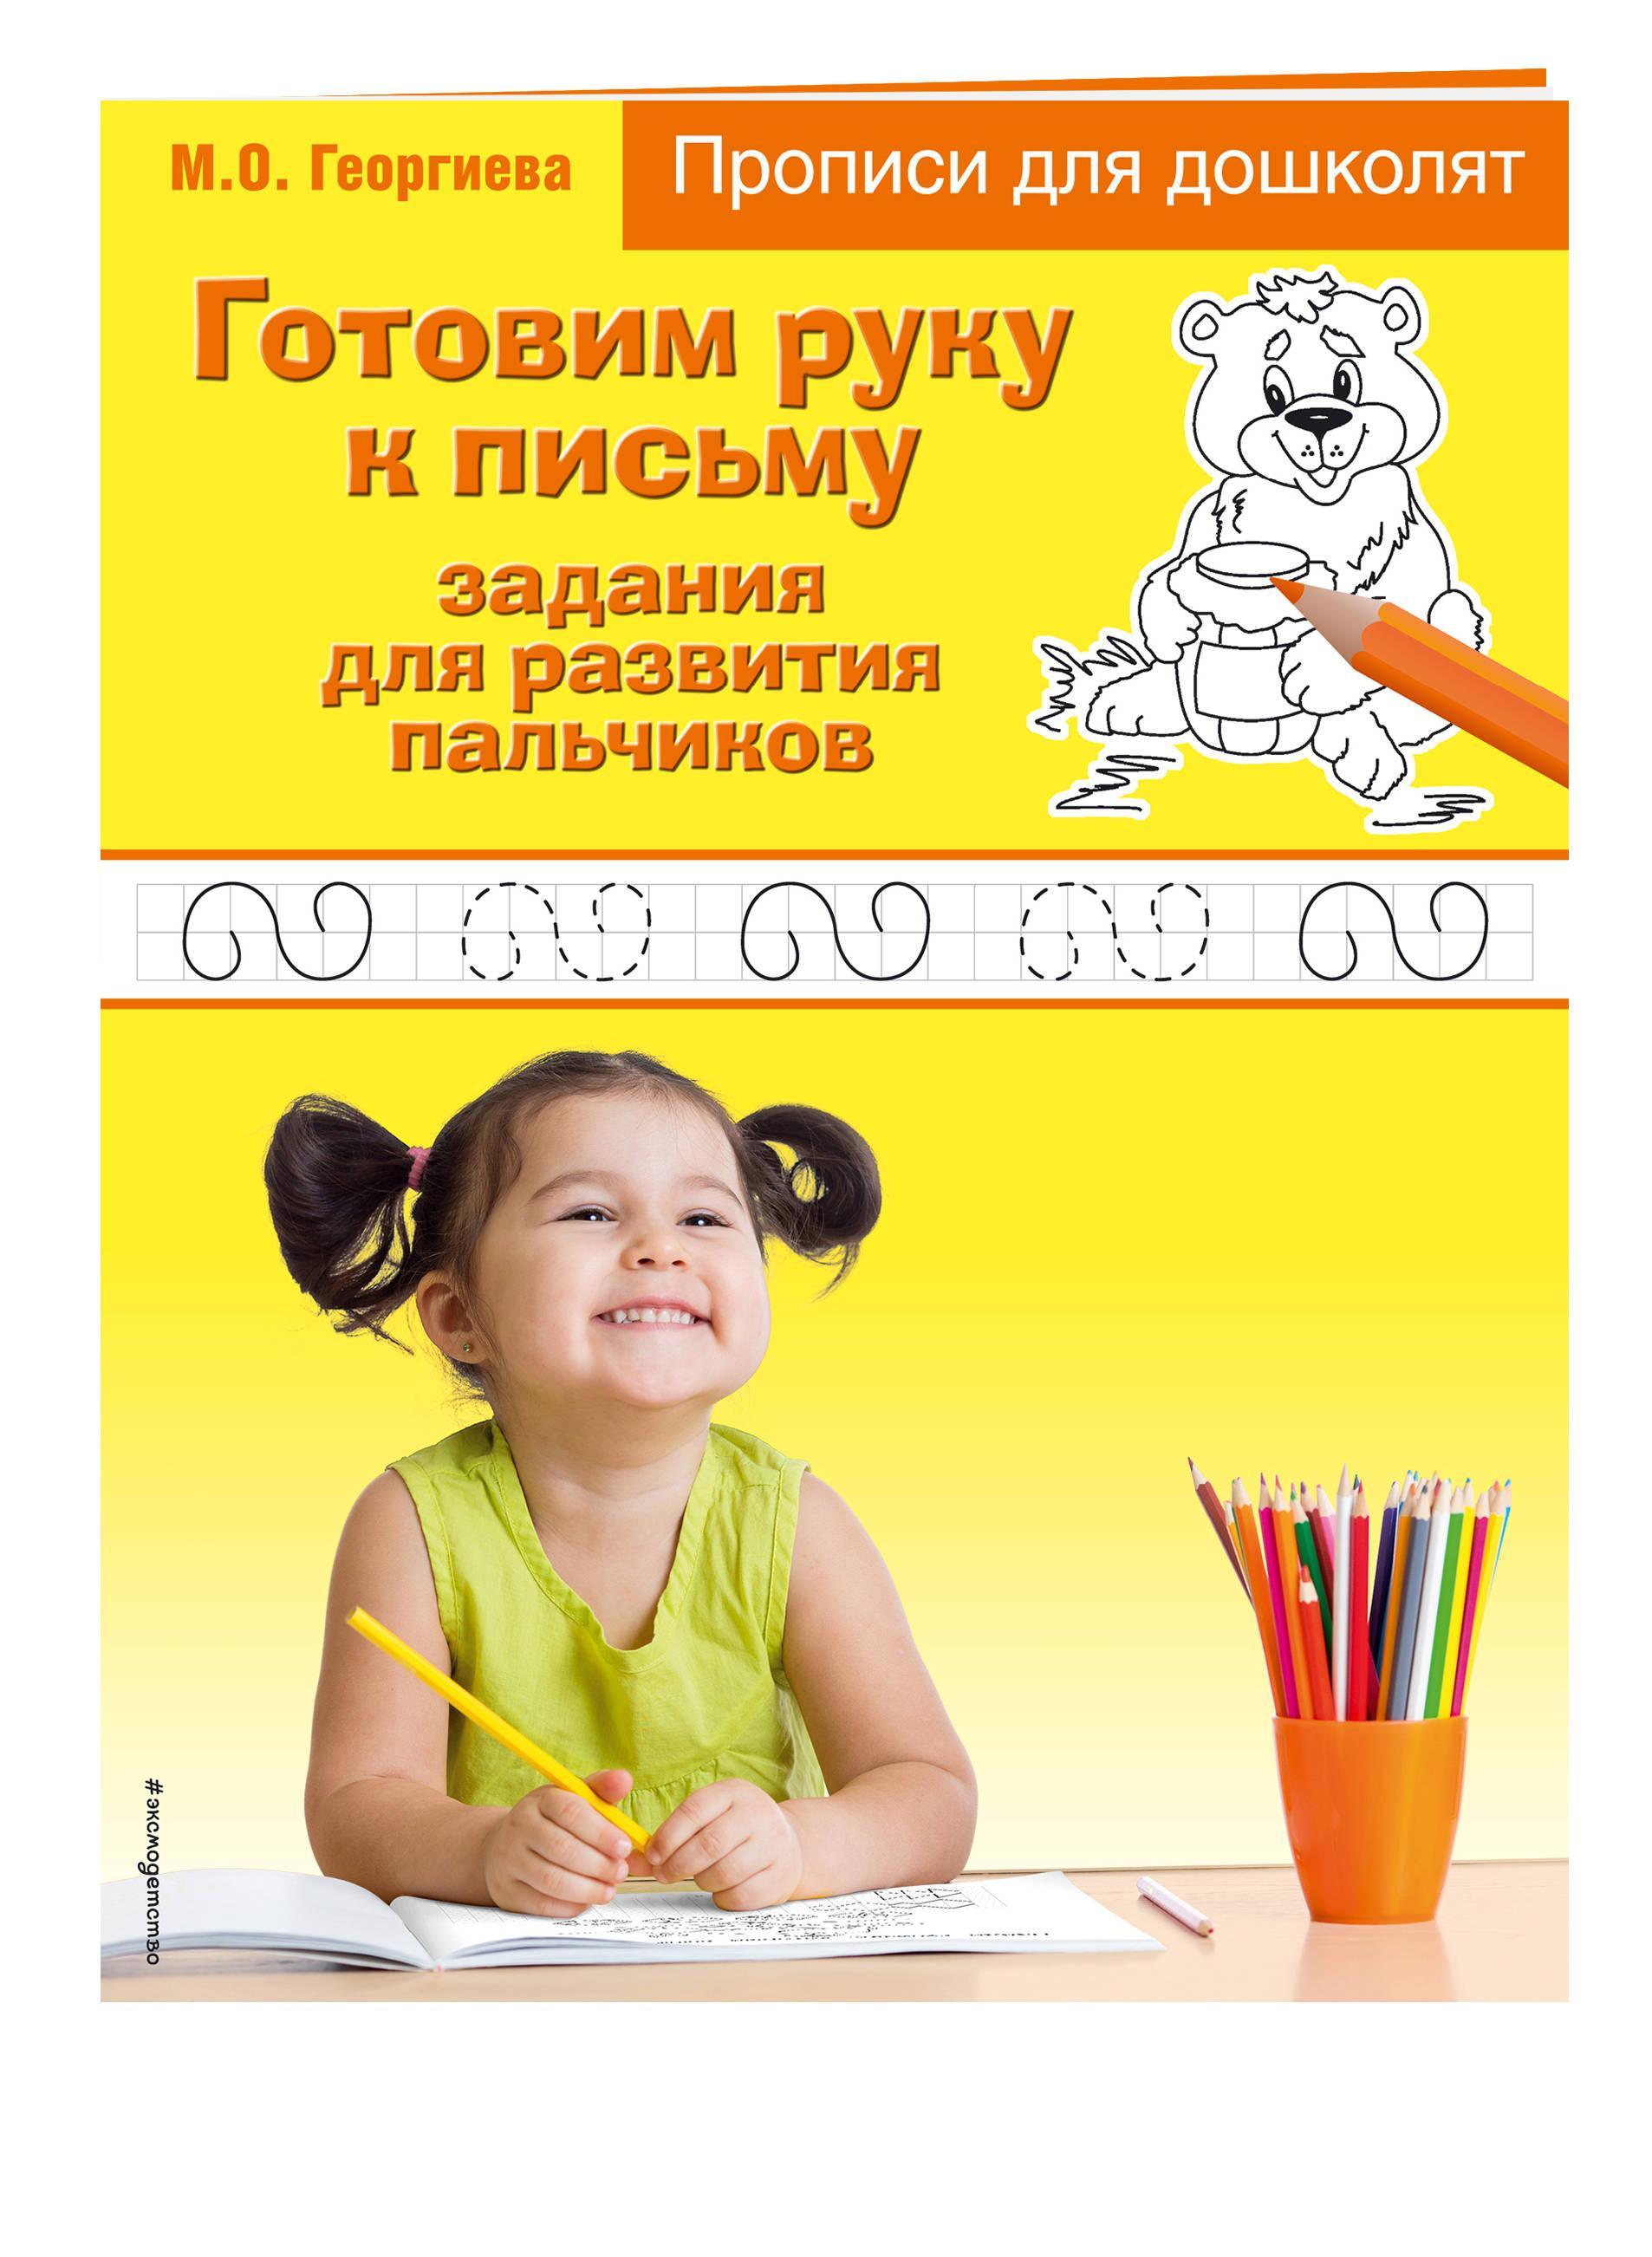 Готовим руку к письму: задания для развития пальчиков ( Георгиева М.О.  )